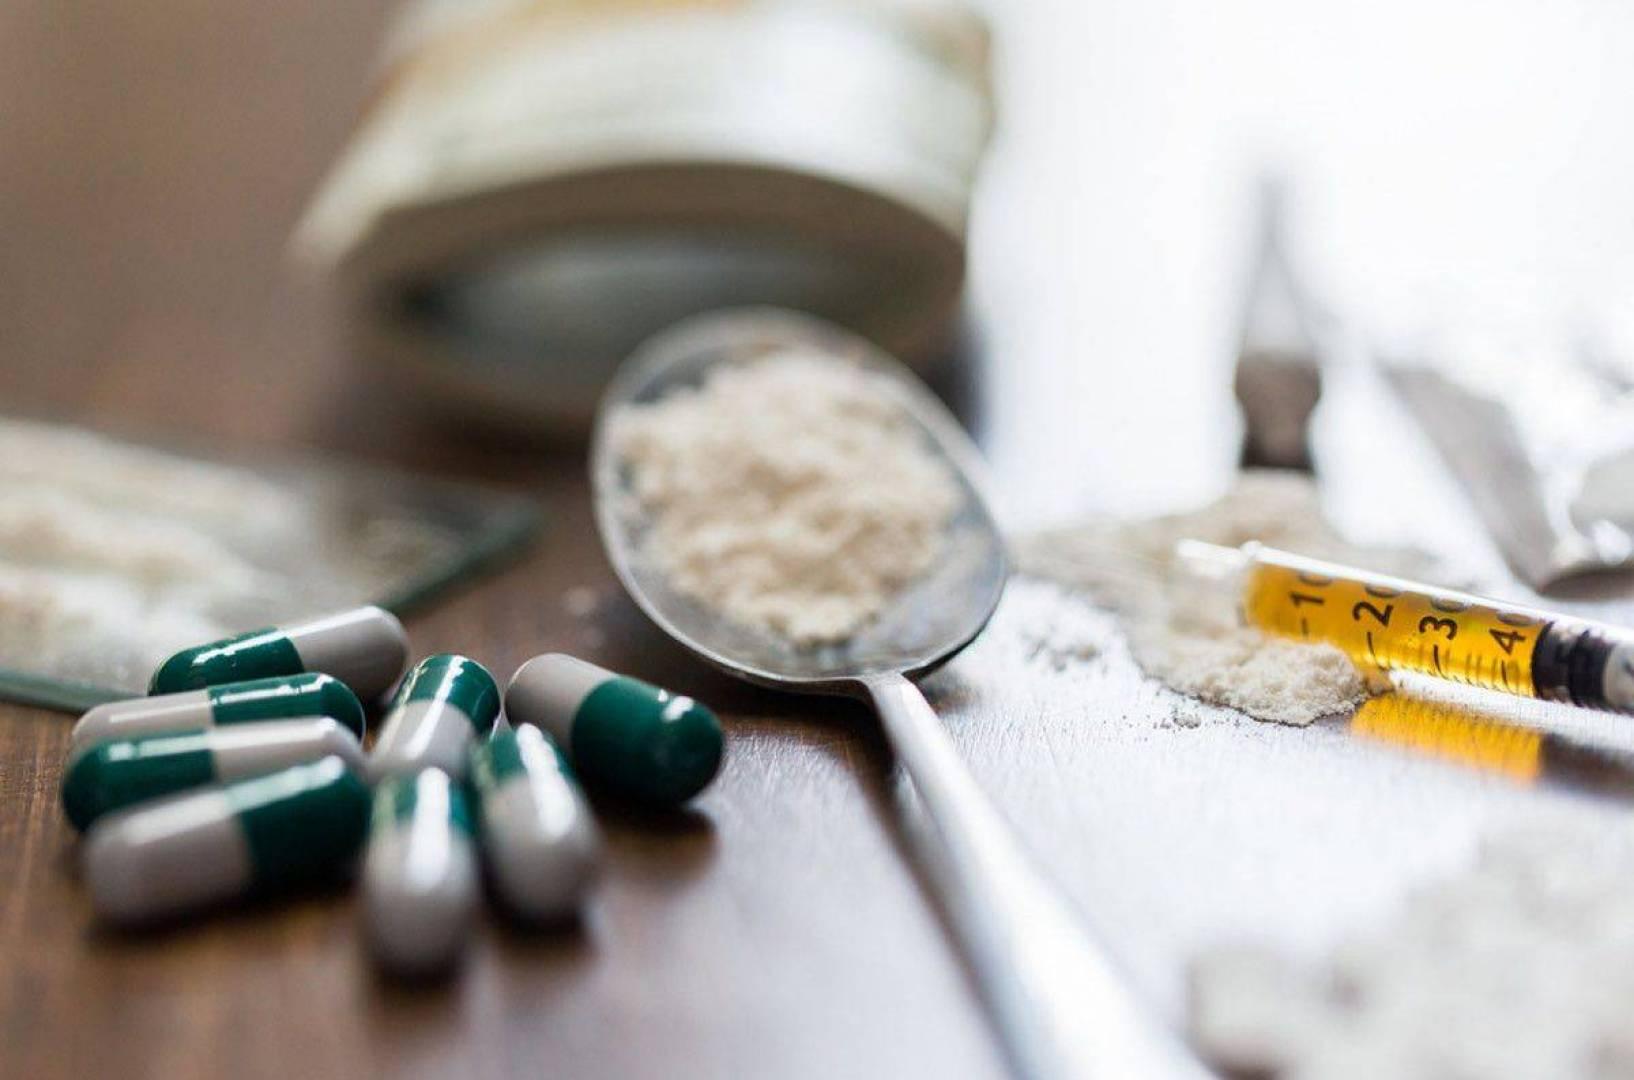 الصحة تدرج 6 مواد جديدة بجدول المخدرات